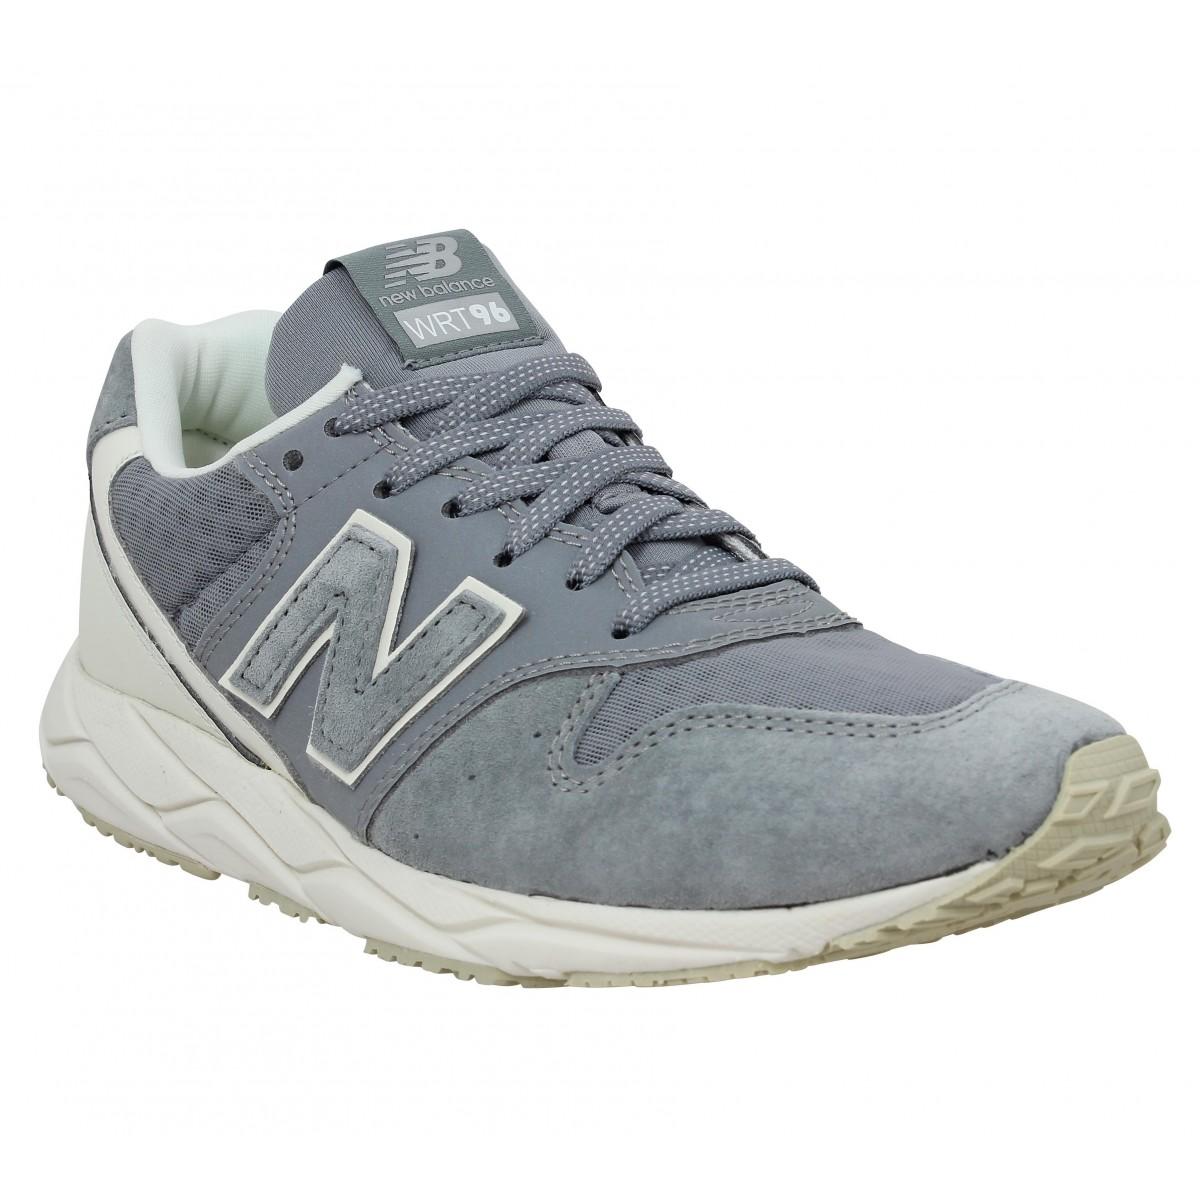 New Balance Marque Wrt 96-35-gris